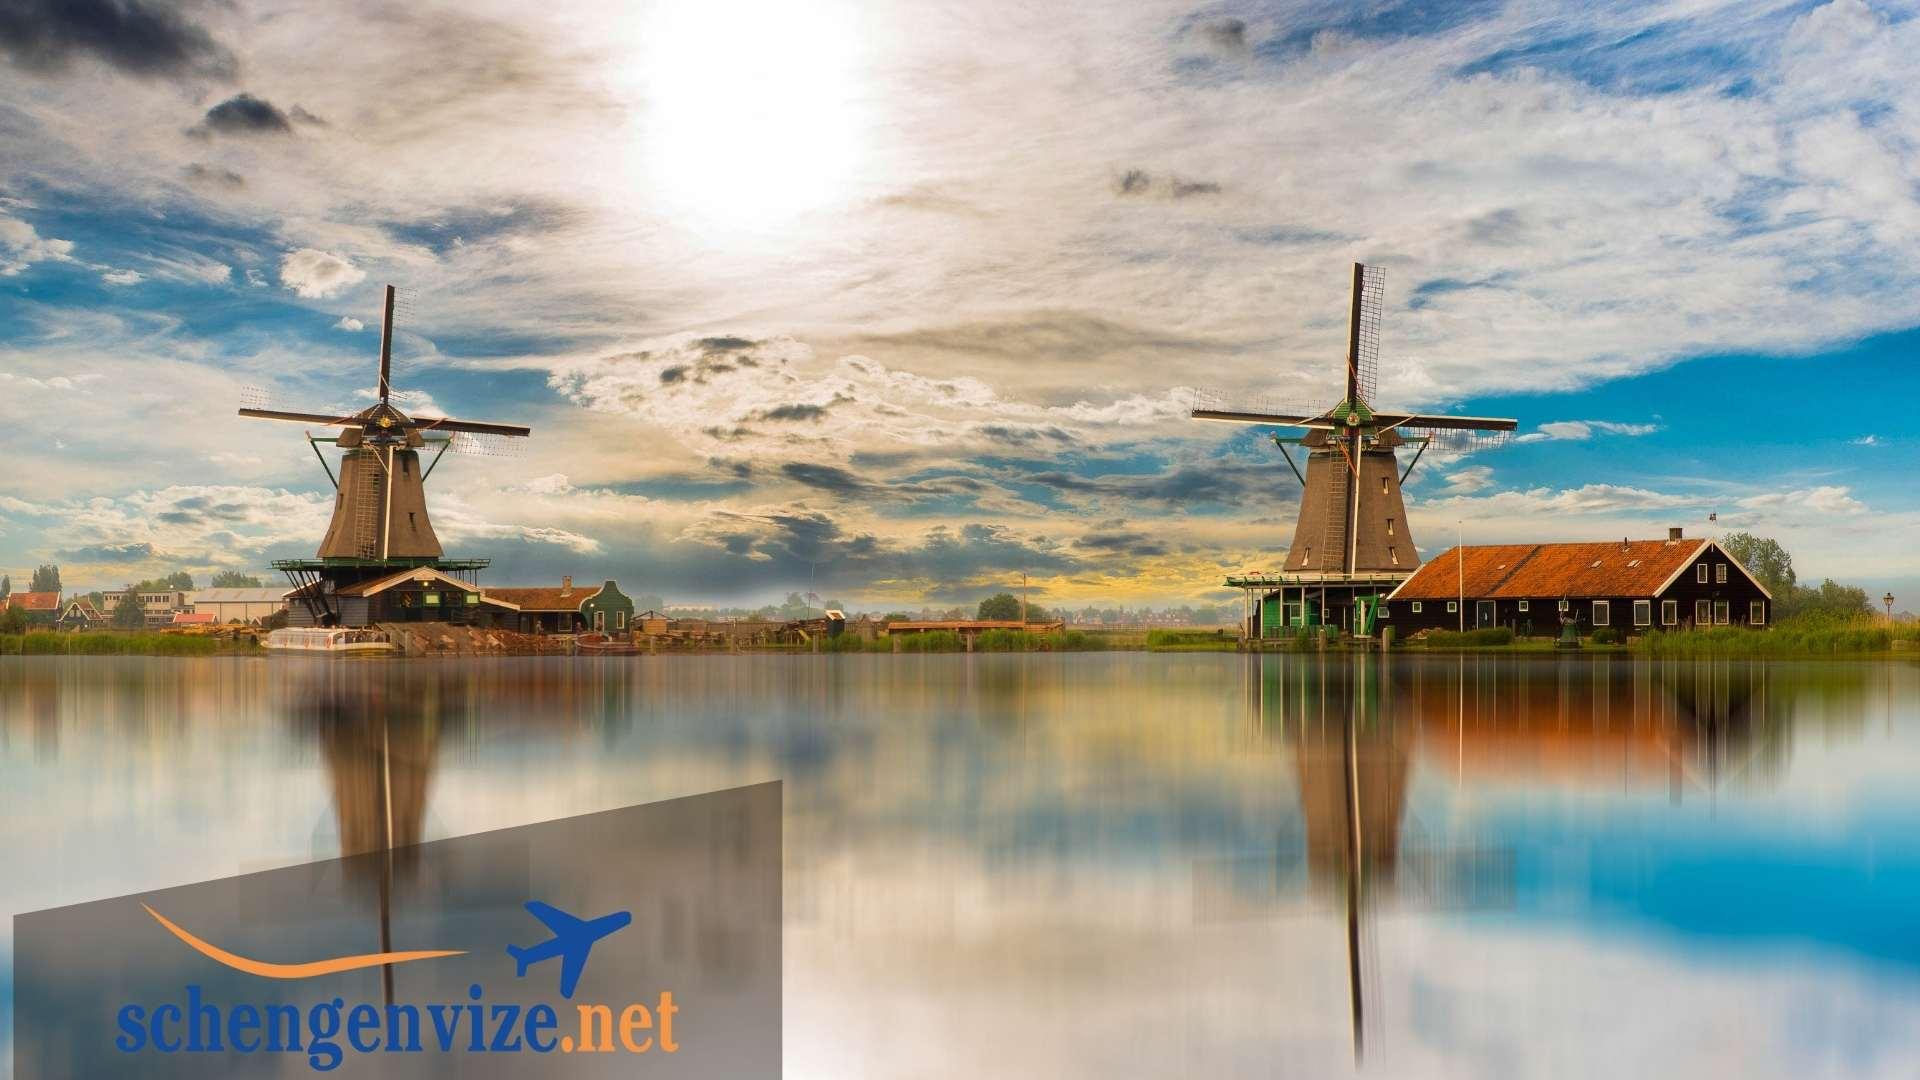 Hollanda Çalışma İzni Başvuruları Nereye Yapılmaktadır?